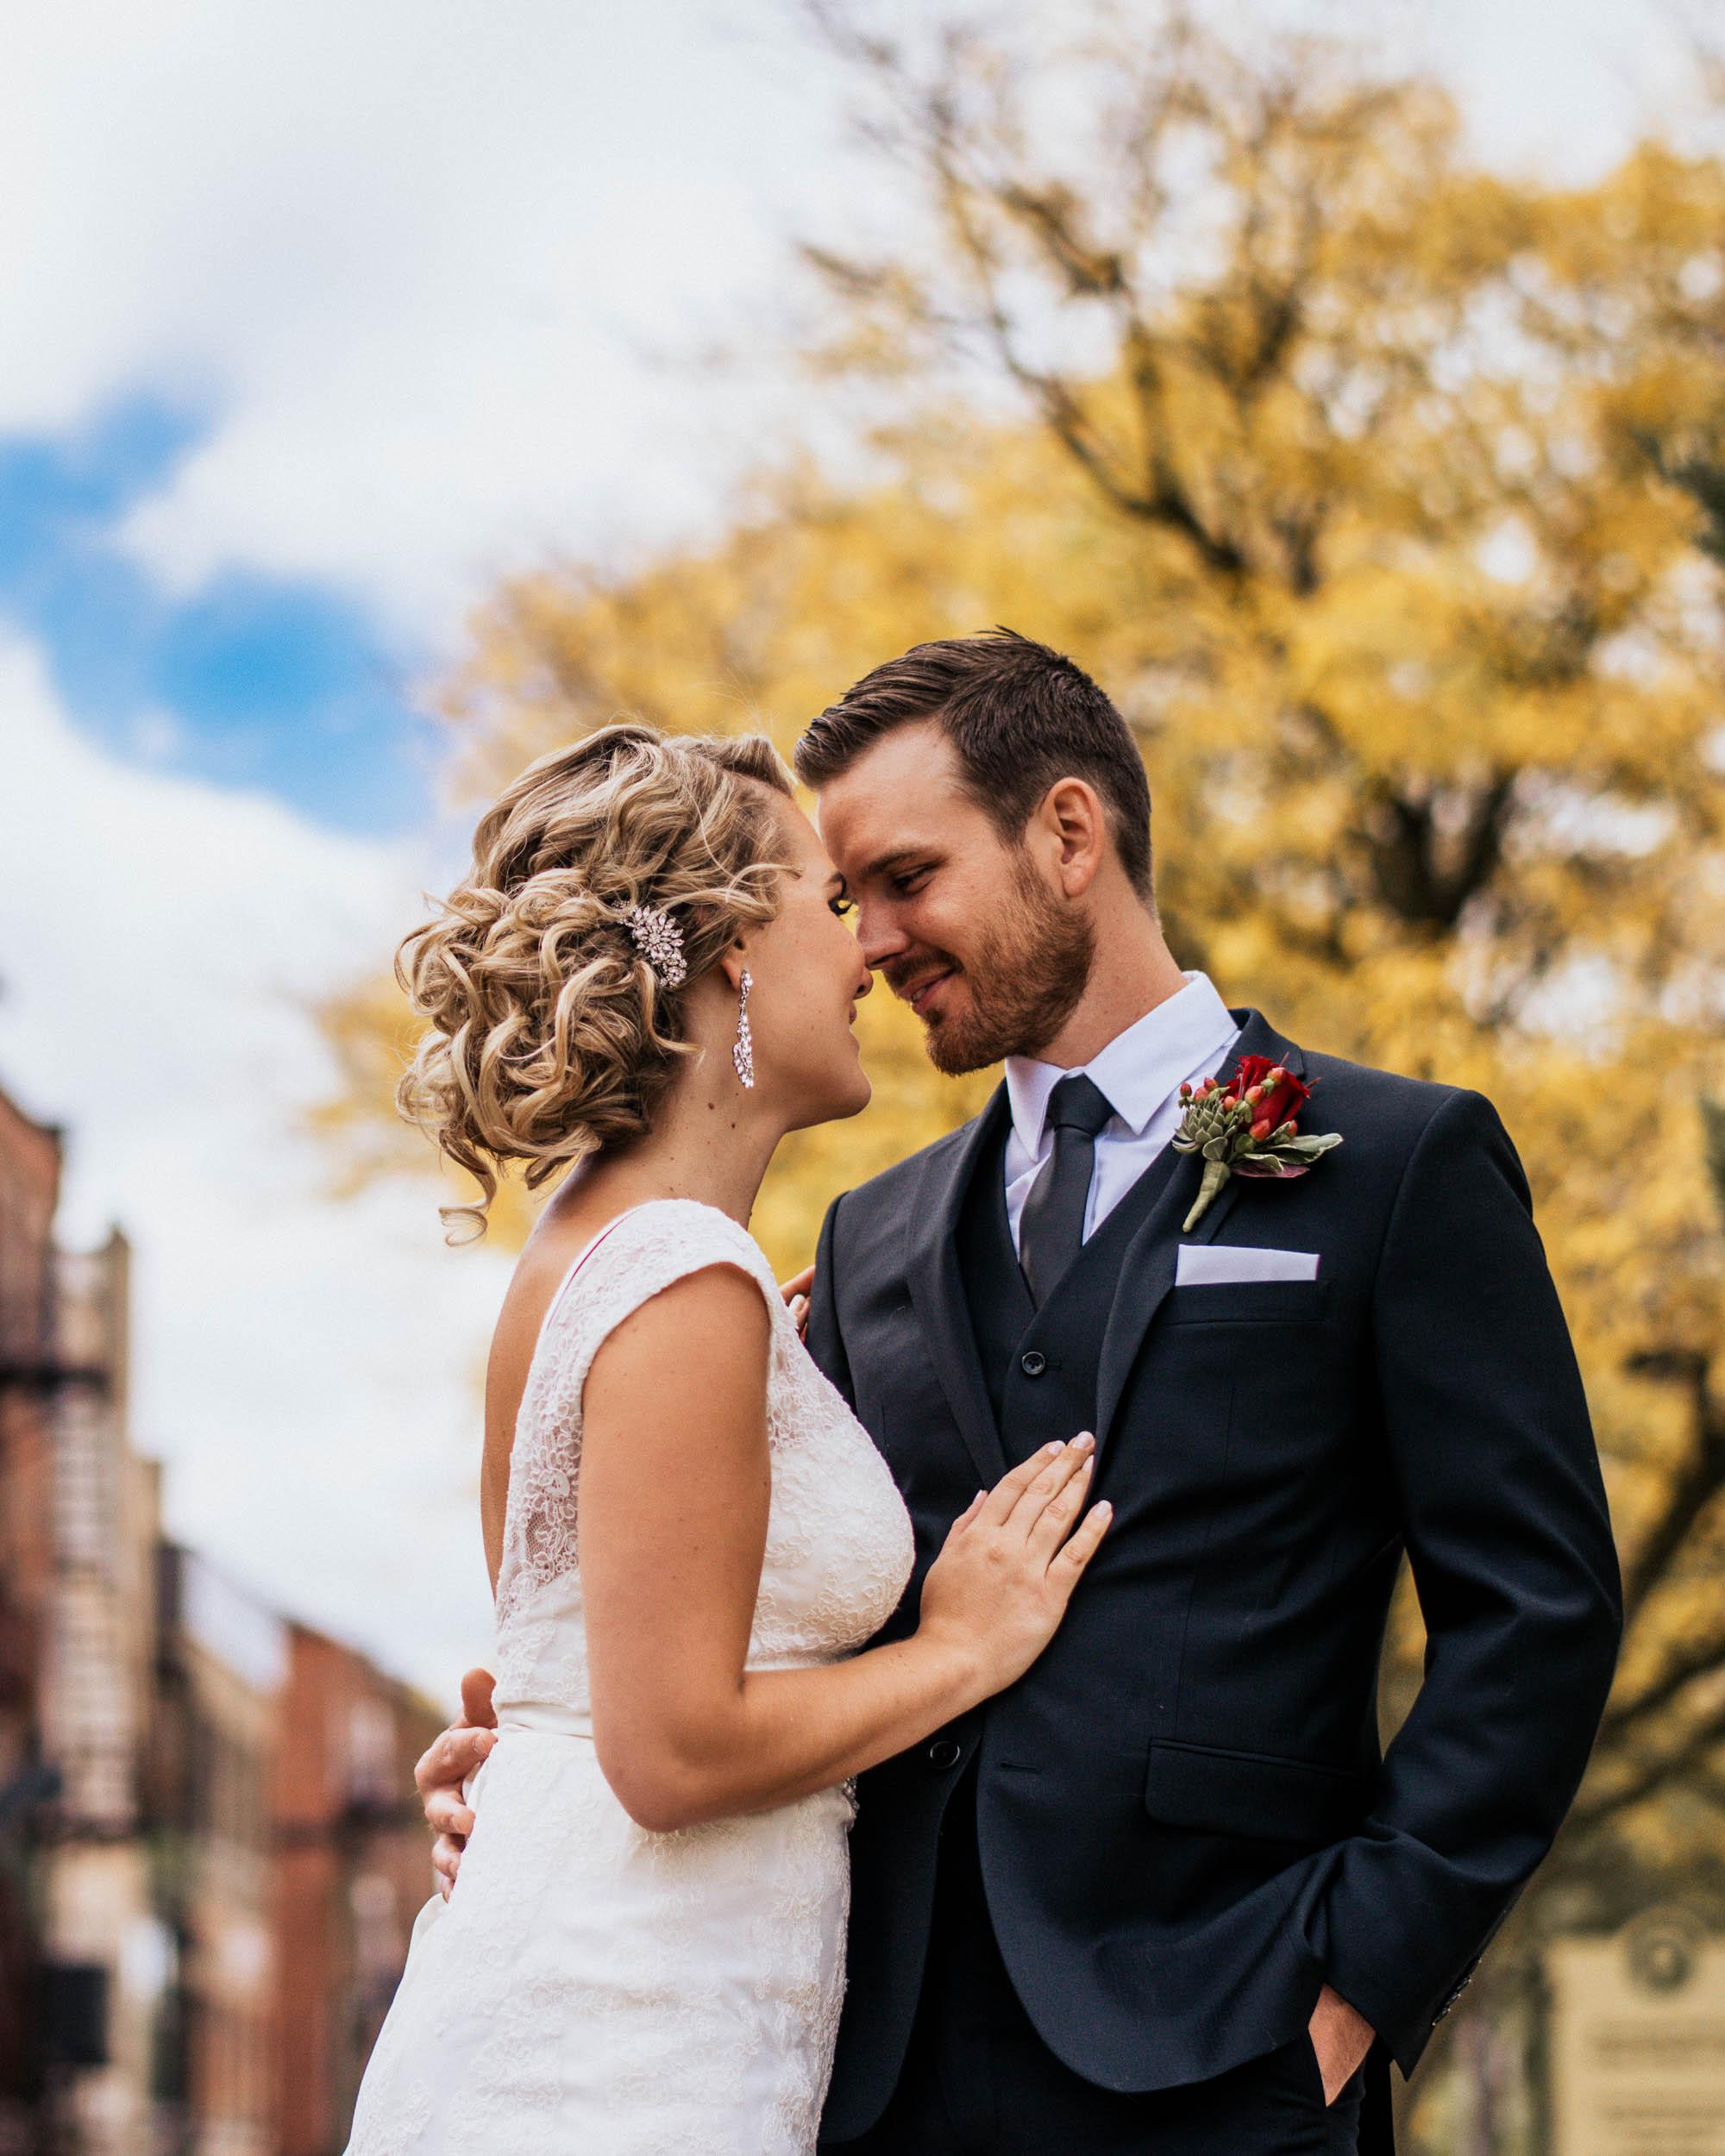 wedding-photography-stratford-davidiam-032.jpg